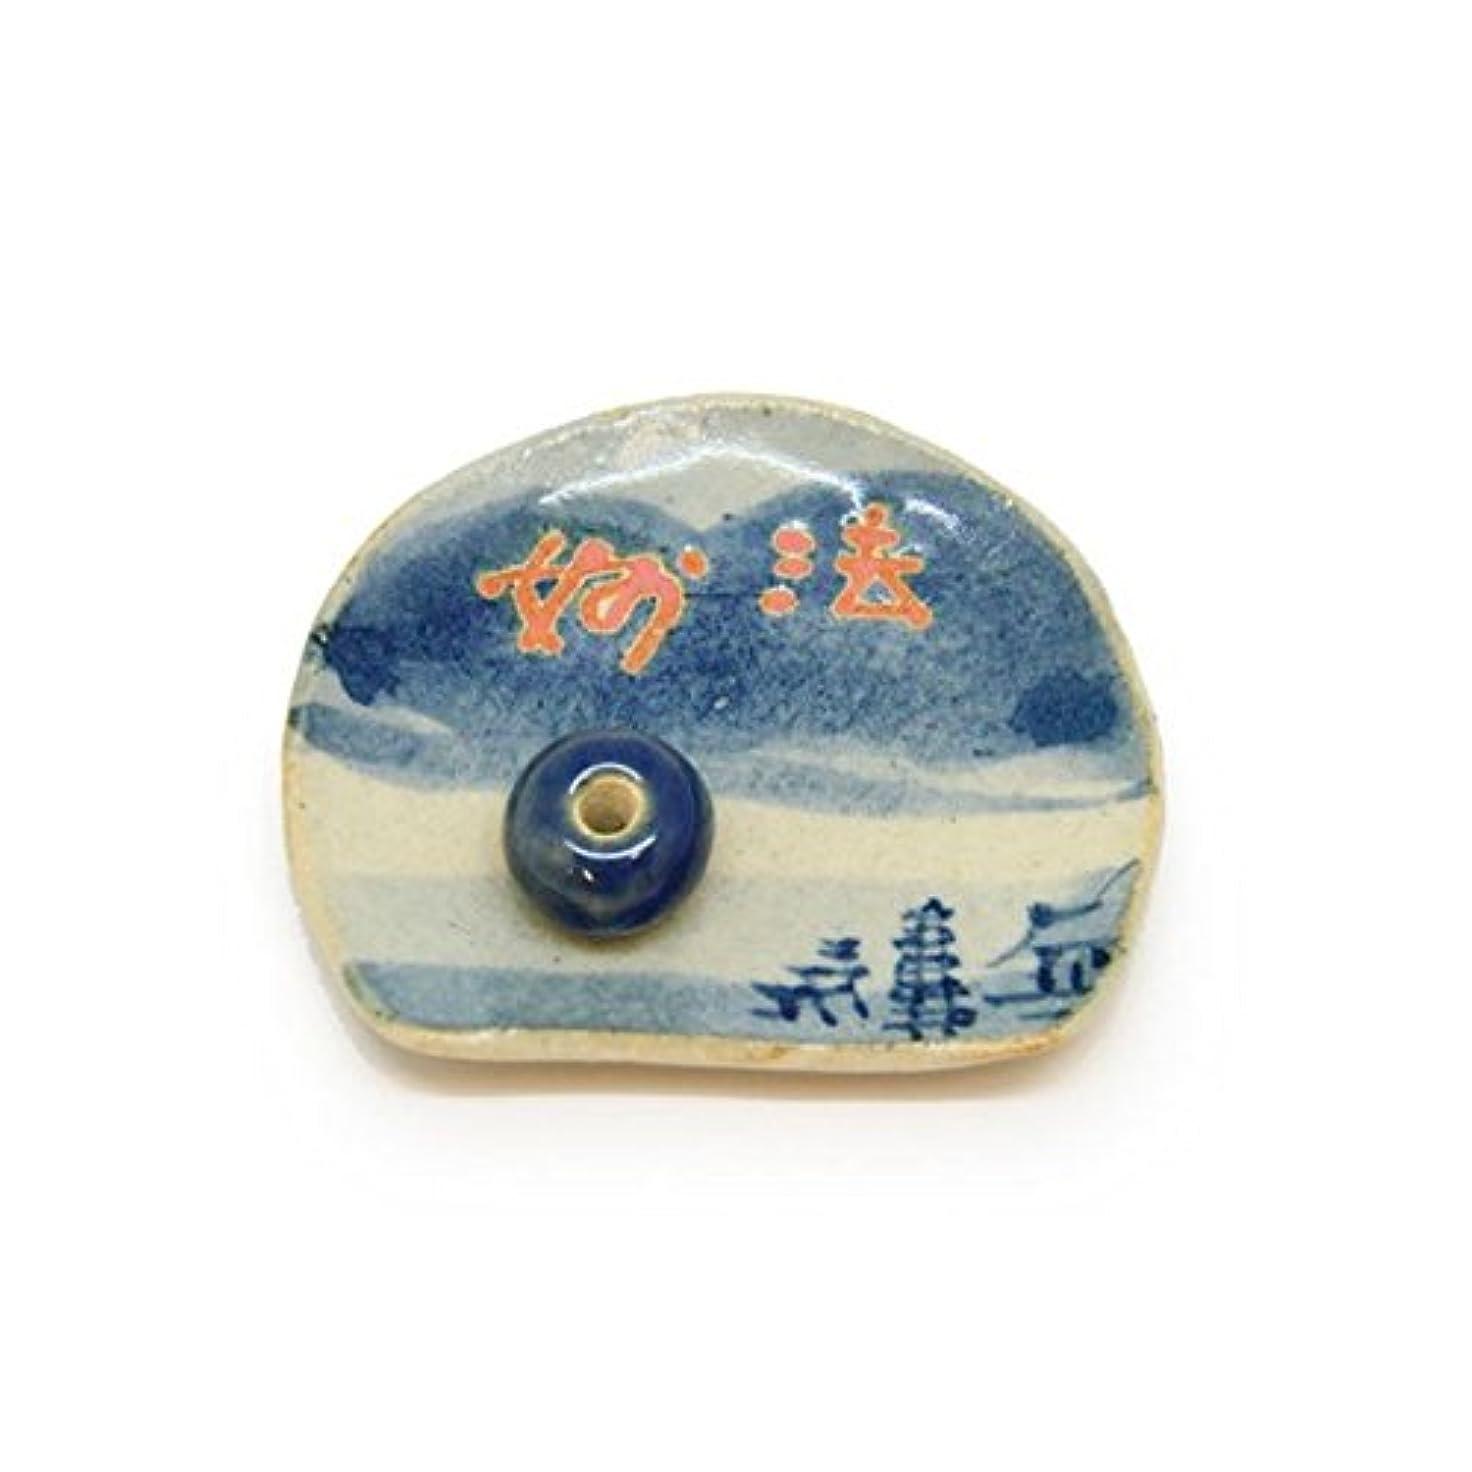 滞在運動するがっかりする香皿 京の風物詩 夏 「妙法」